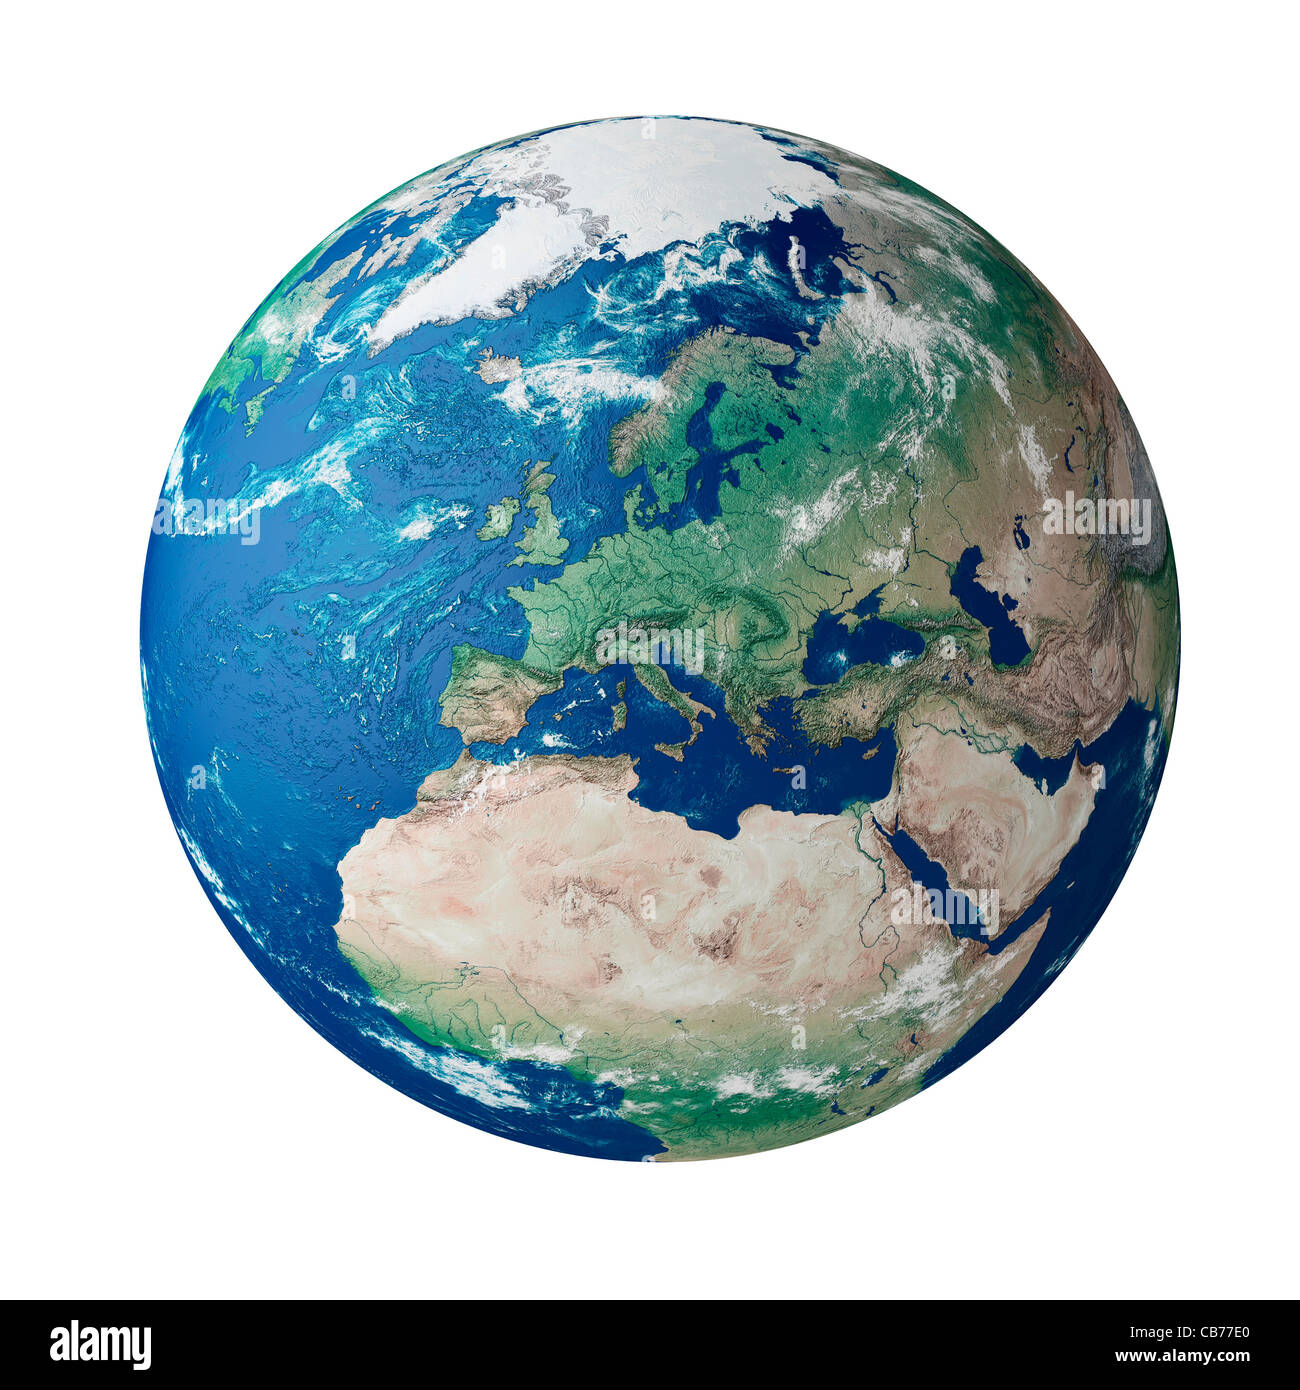 Mundo mostrando el continente de Europa - sobre fondo blanco, corte, silo, aislado studio Imagen De Stock